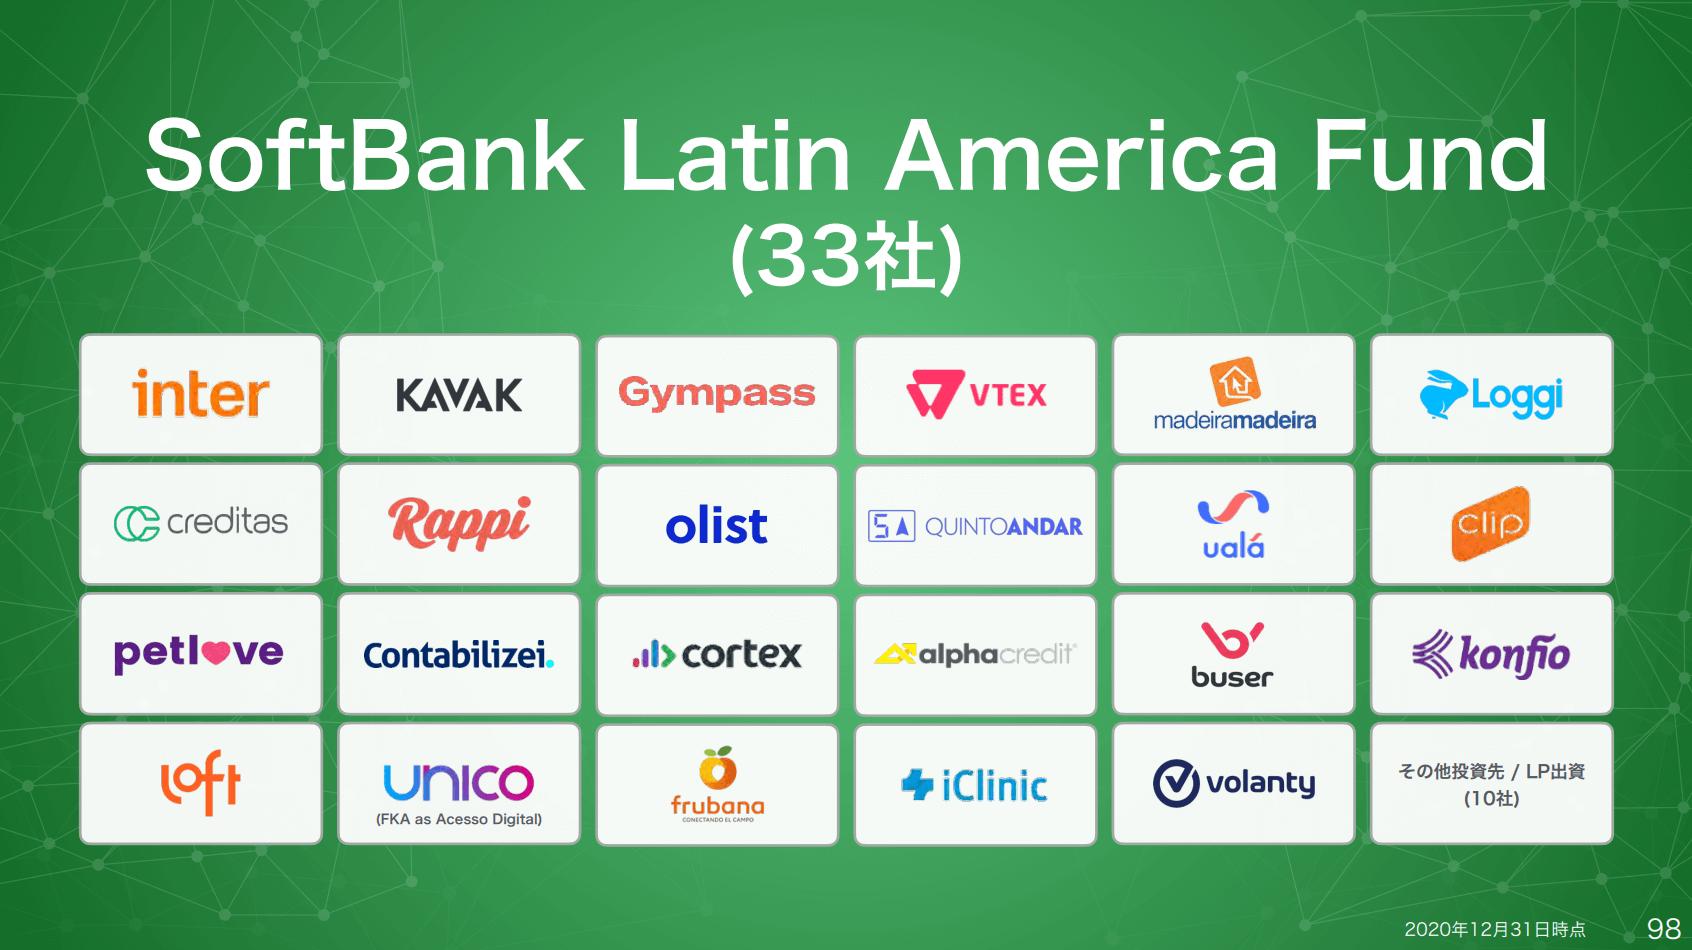 ソフトバンクラテンアメリカファンドの出資先一覧まとめ